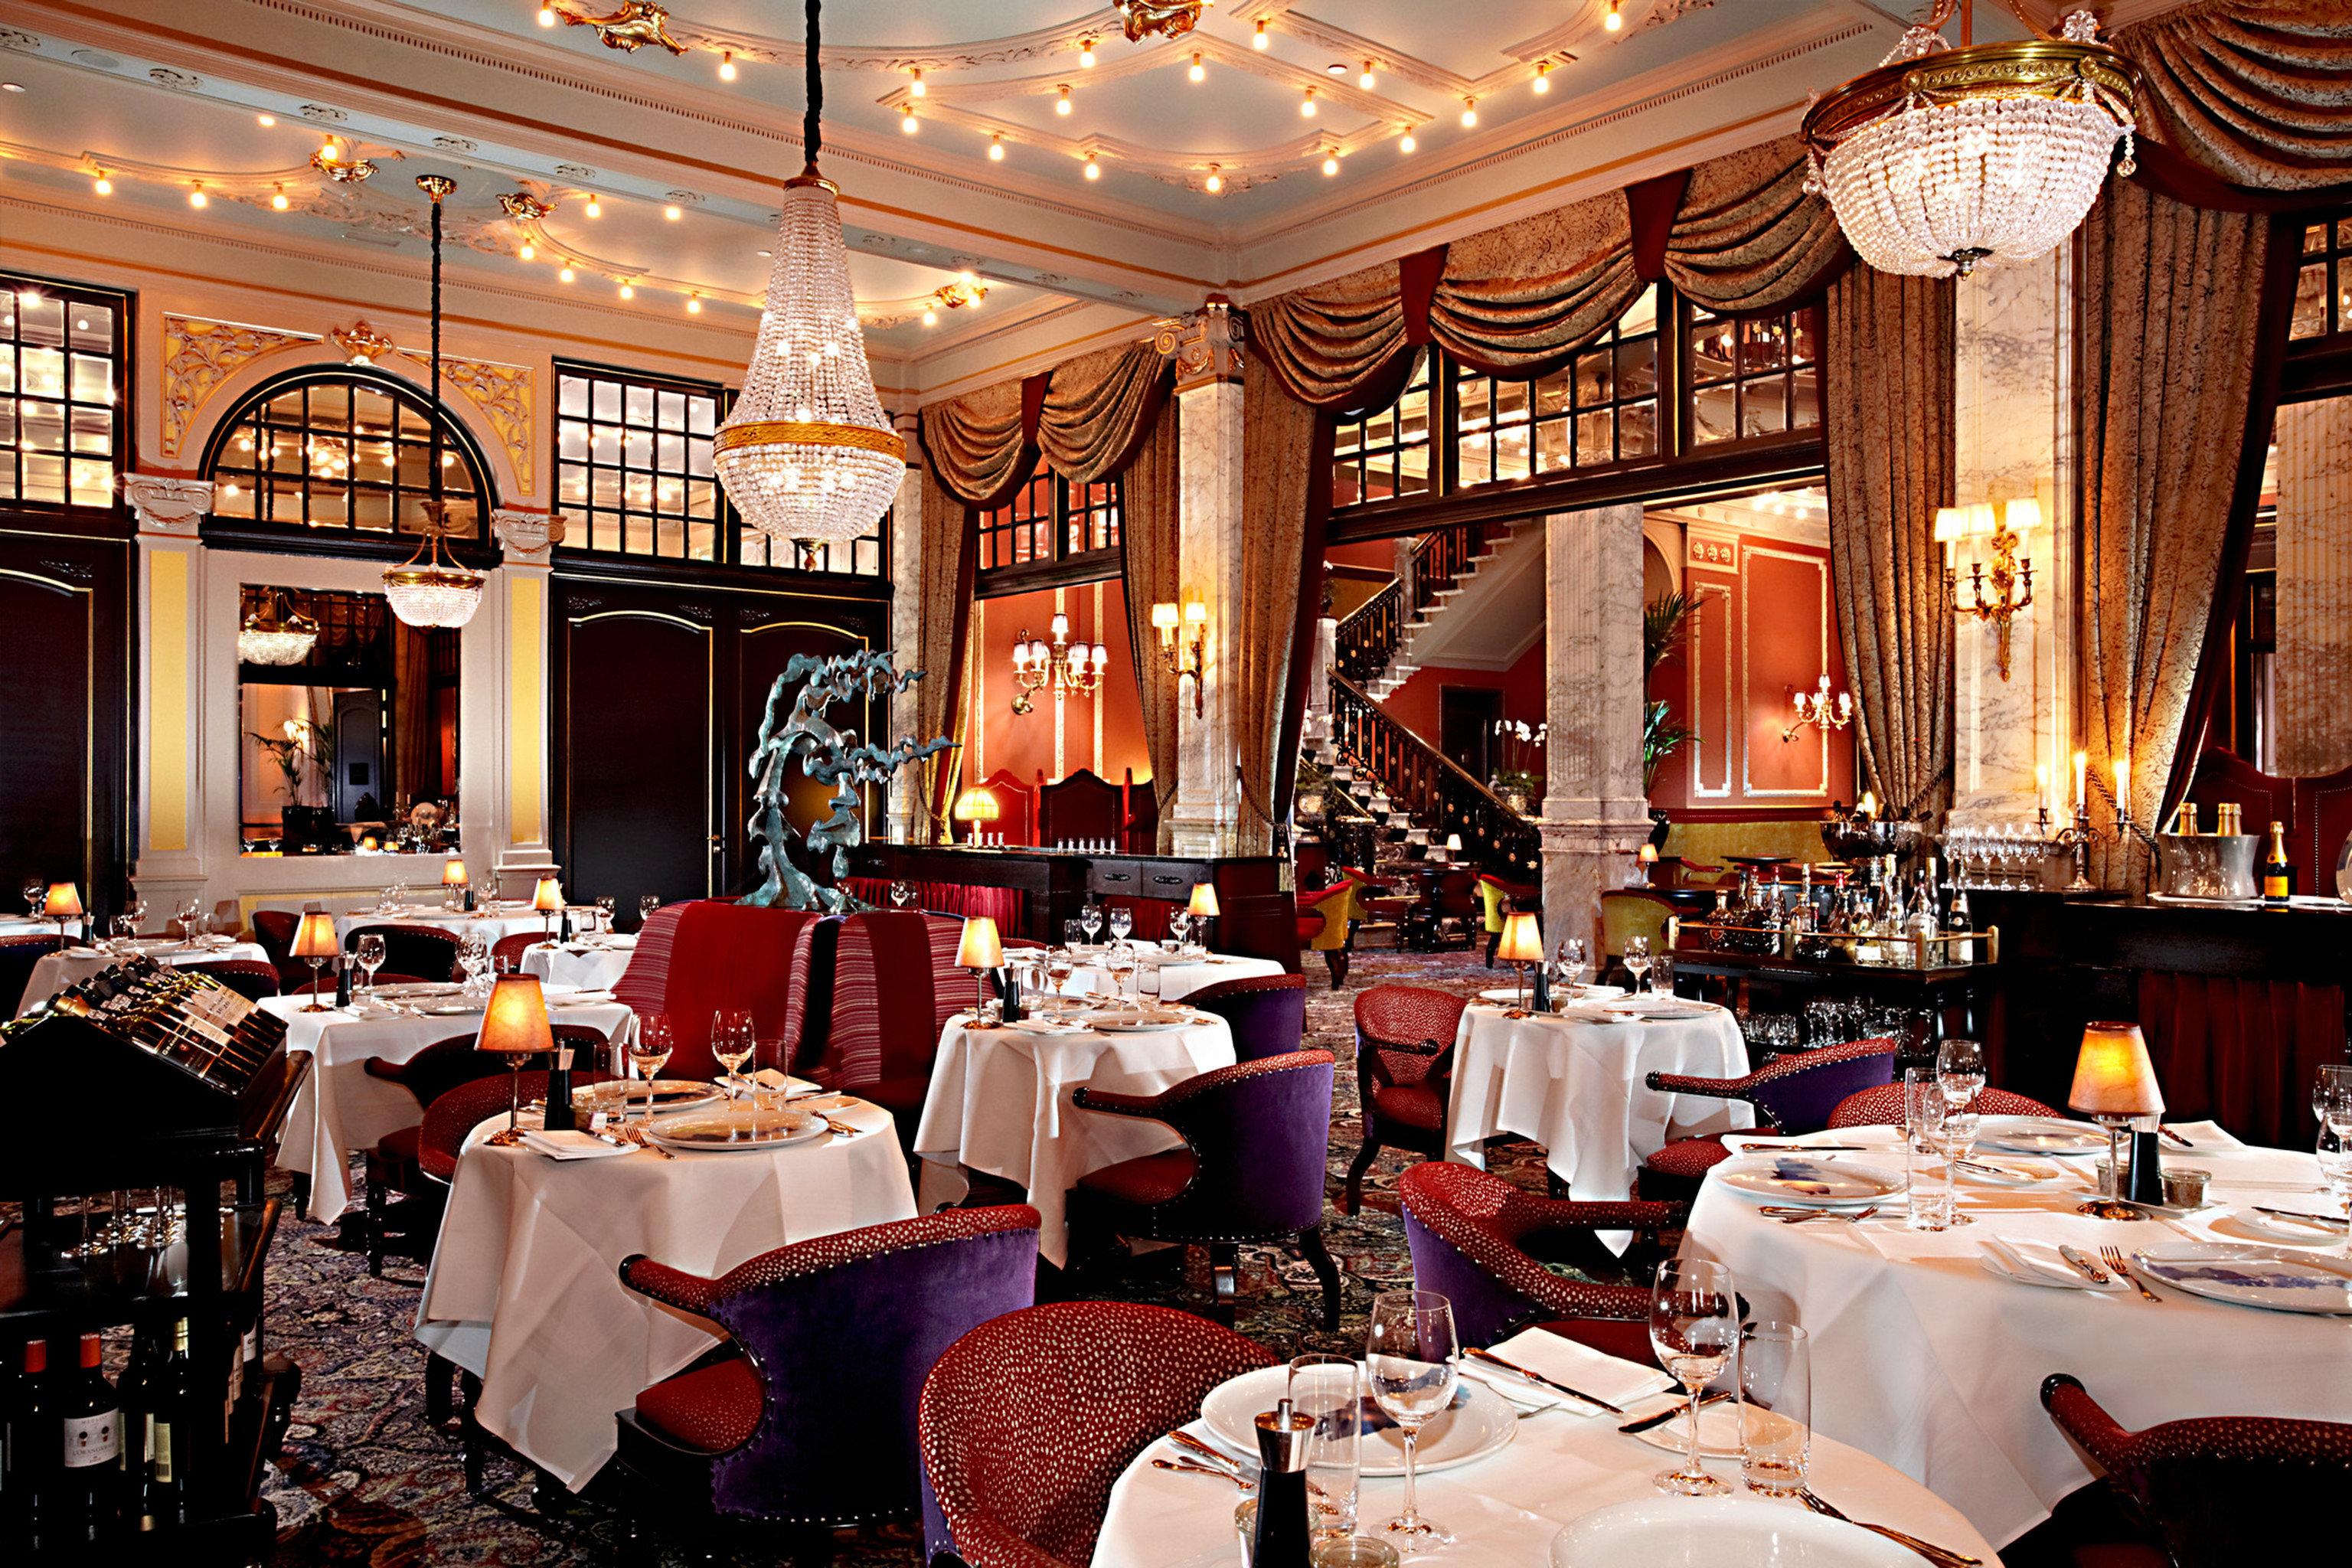 Dining Drink Eat Resort plate restaurant function hall ballroom dinner